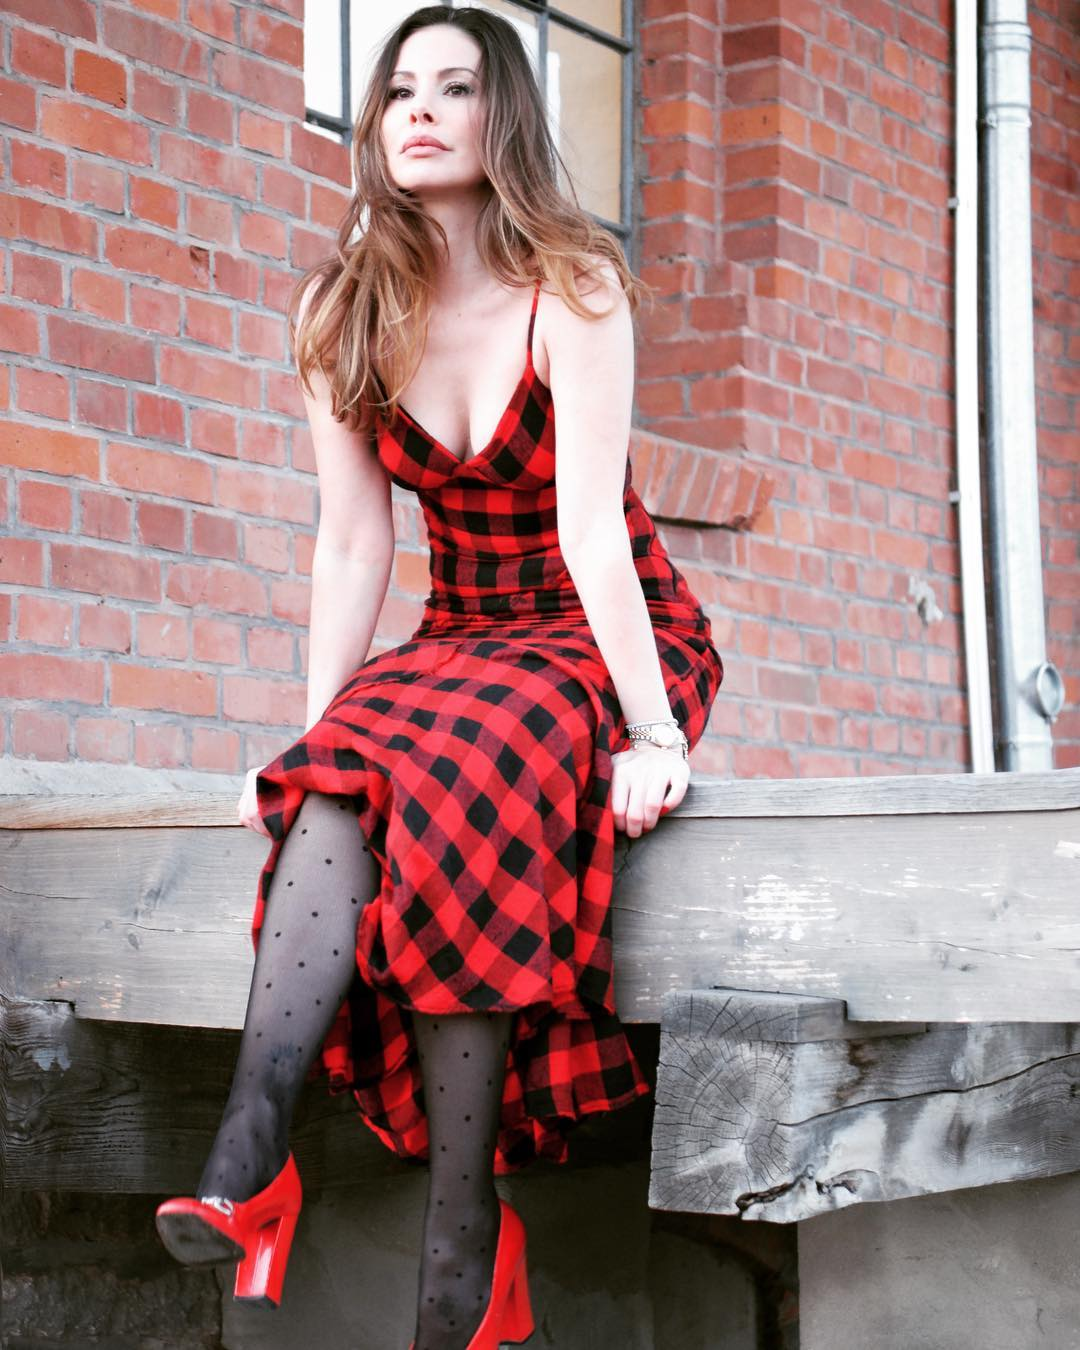 Hannah Martin photos